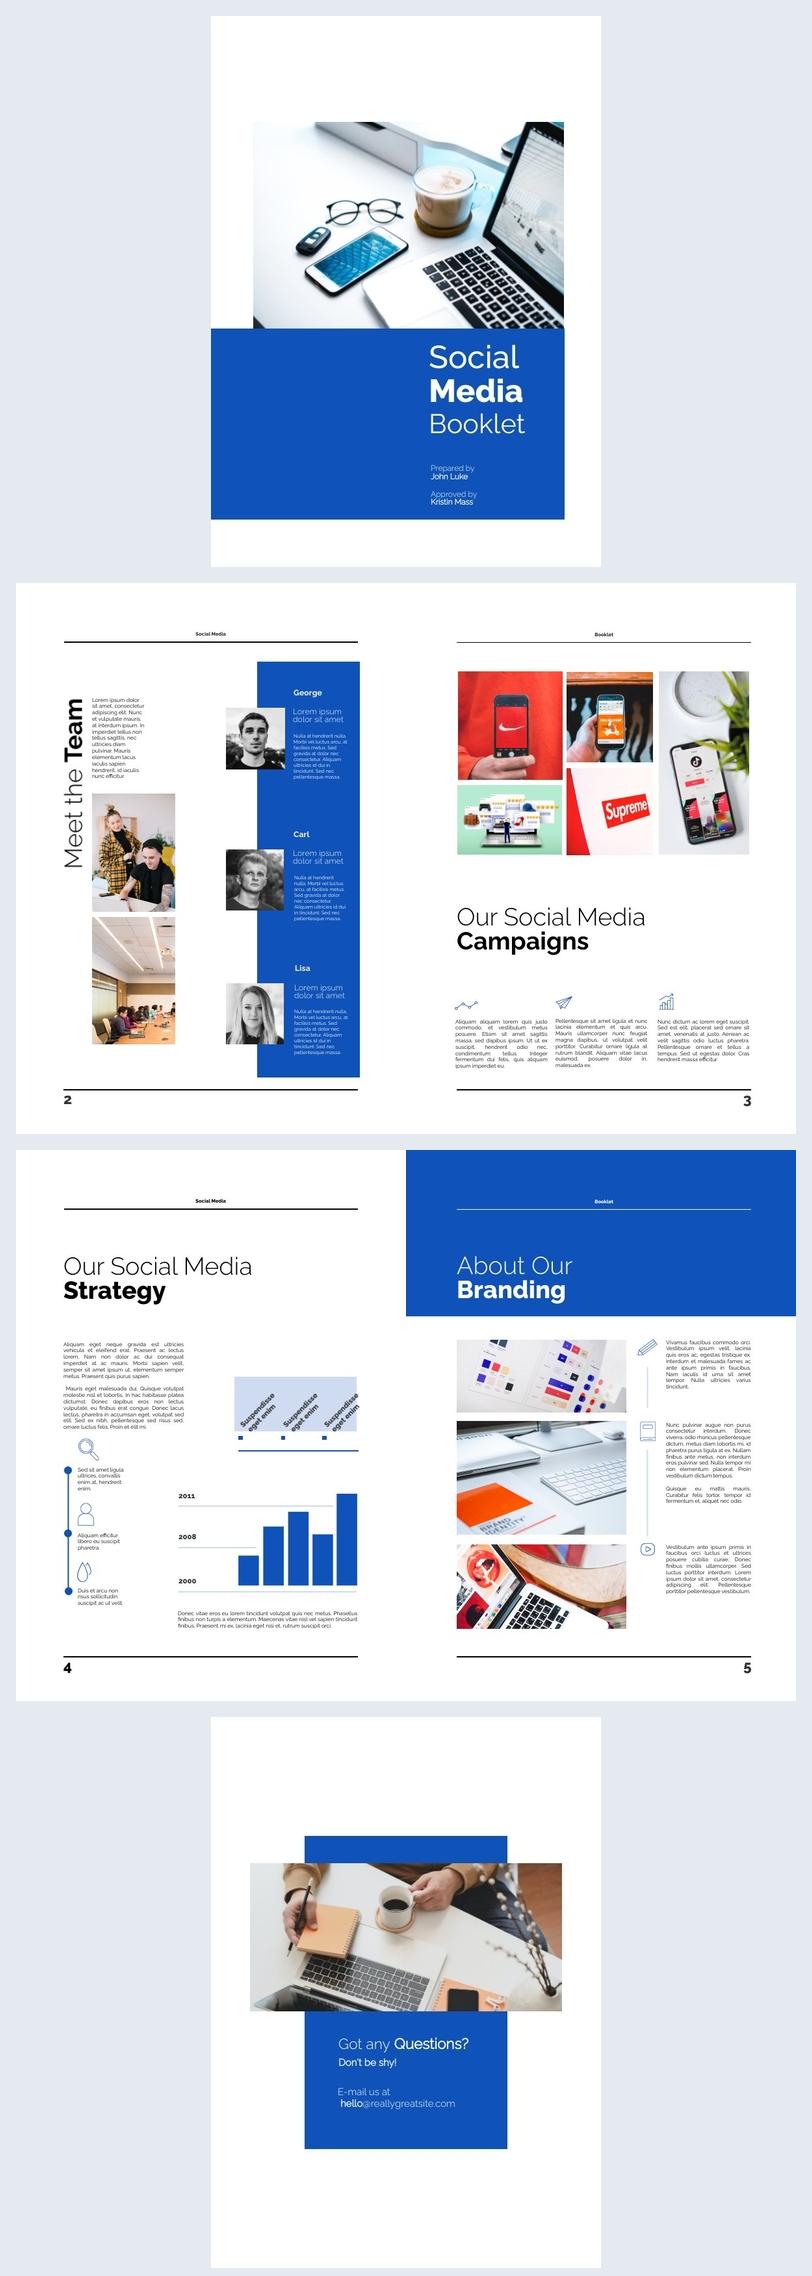 6 Pagina Social Media Boekje Design Inspiratie